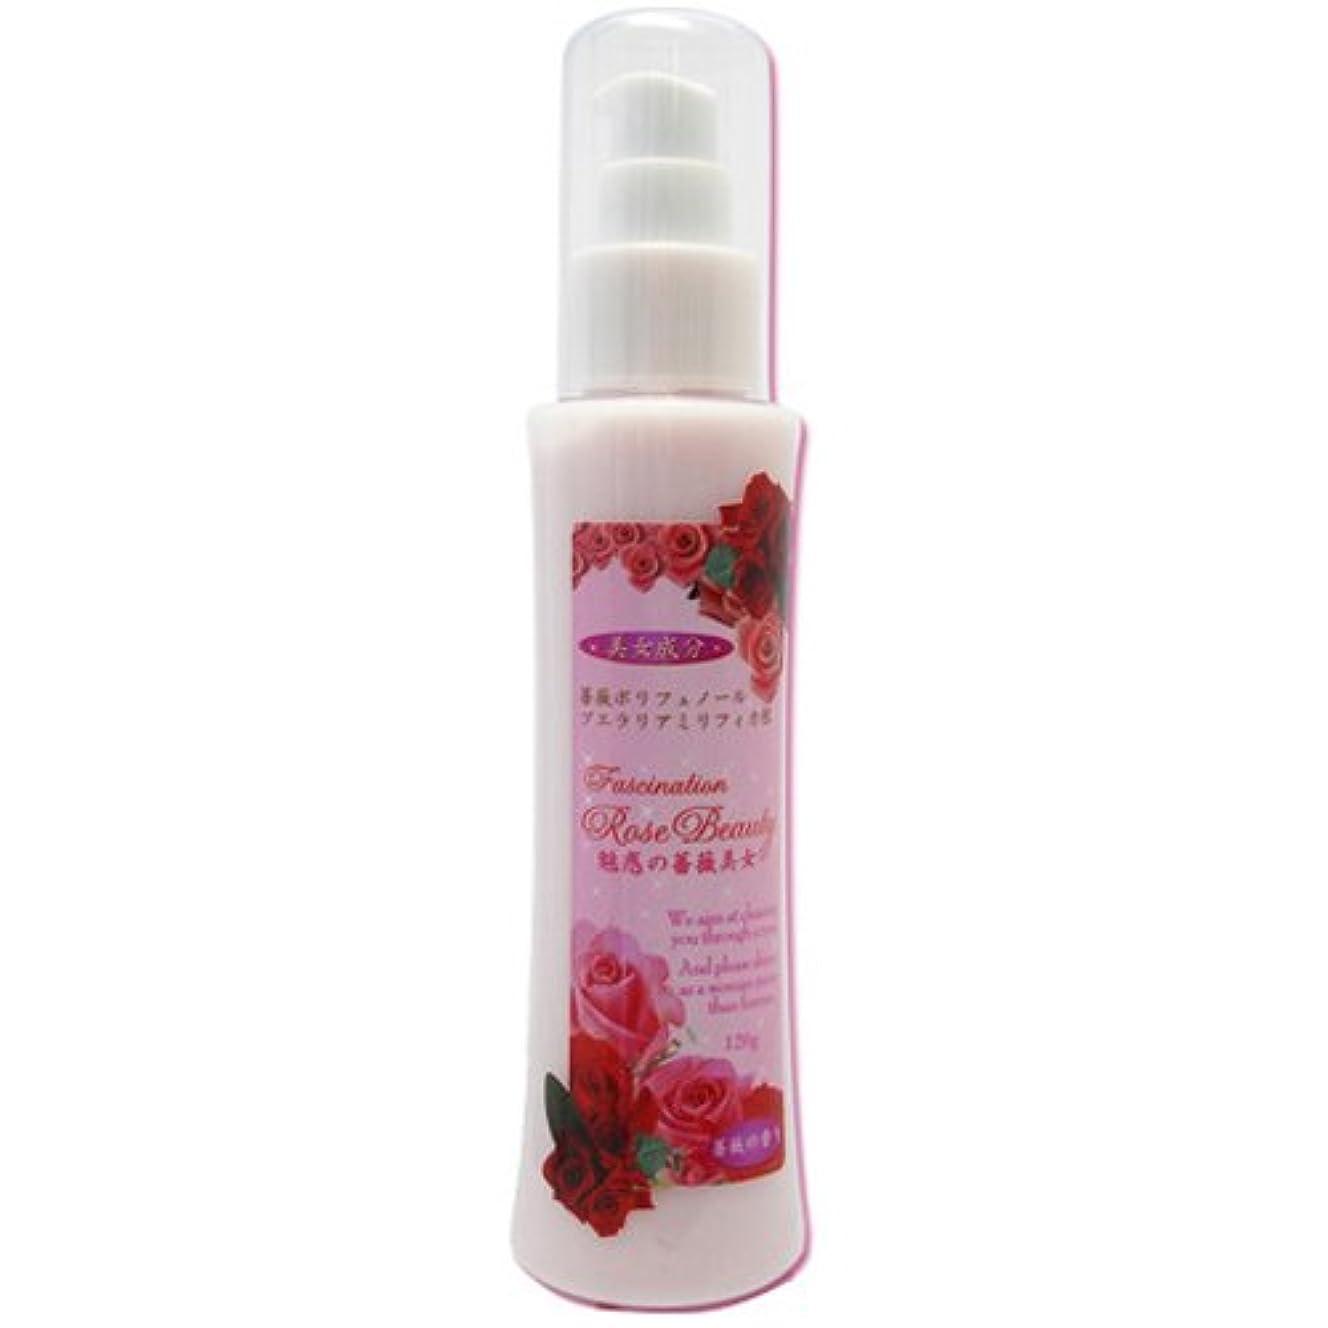 シロクマグレートオーク模倣ローズビューティー 魅惑の薔薇美女 ボディクリーム 120g